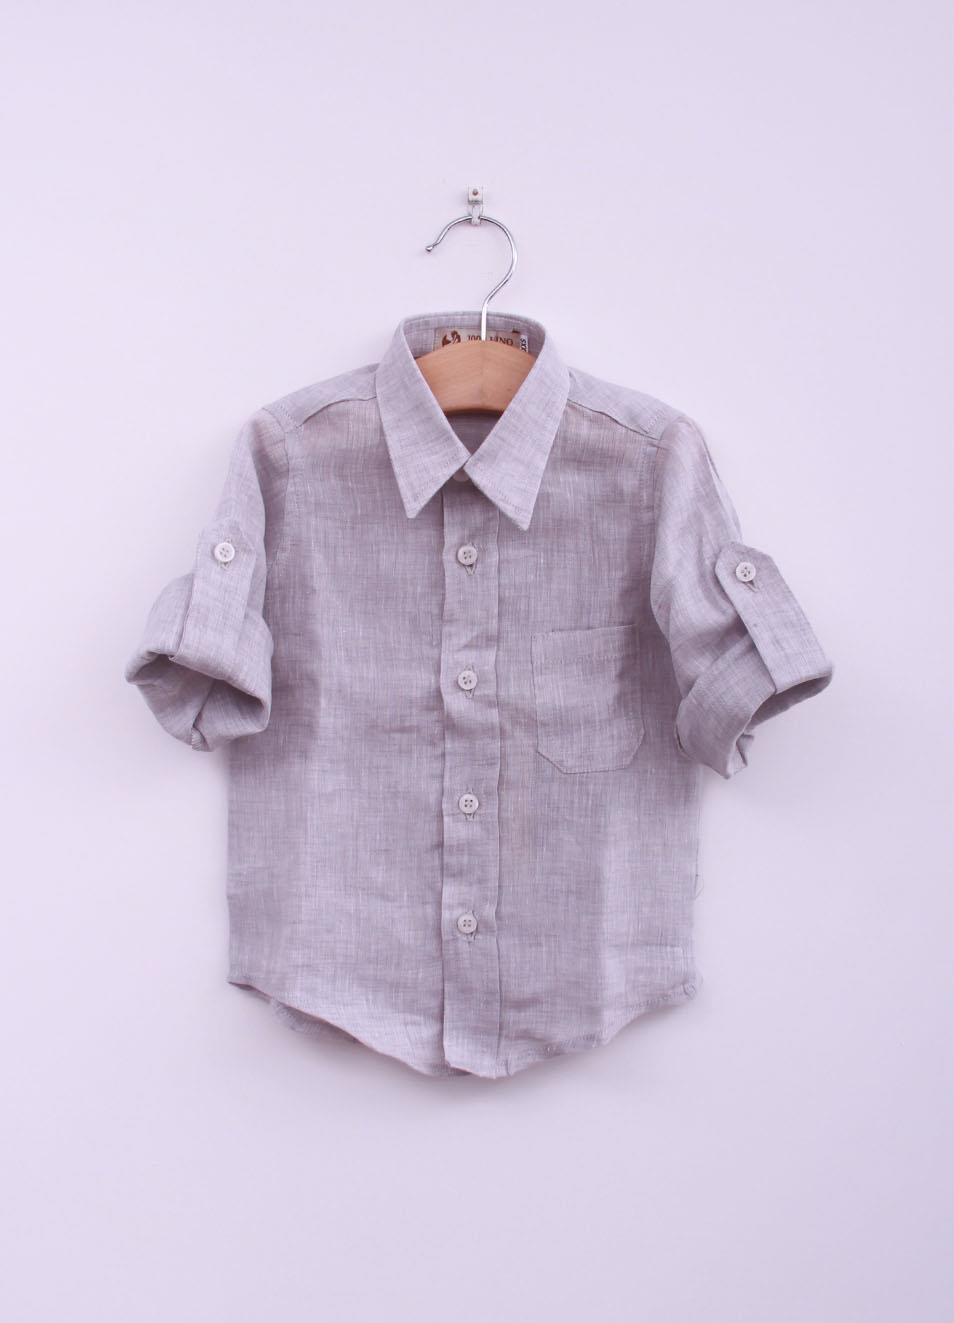 metà fuori 1e811 7c1e3 Camicia da bambino in lino grigio